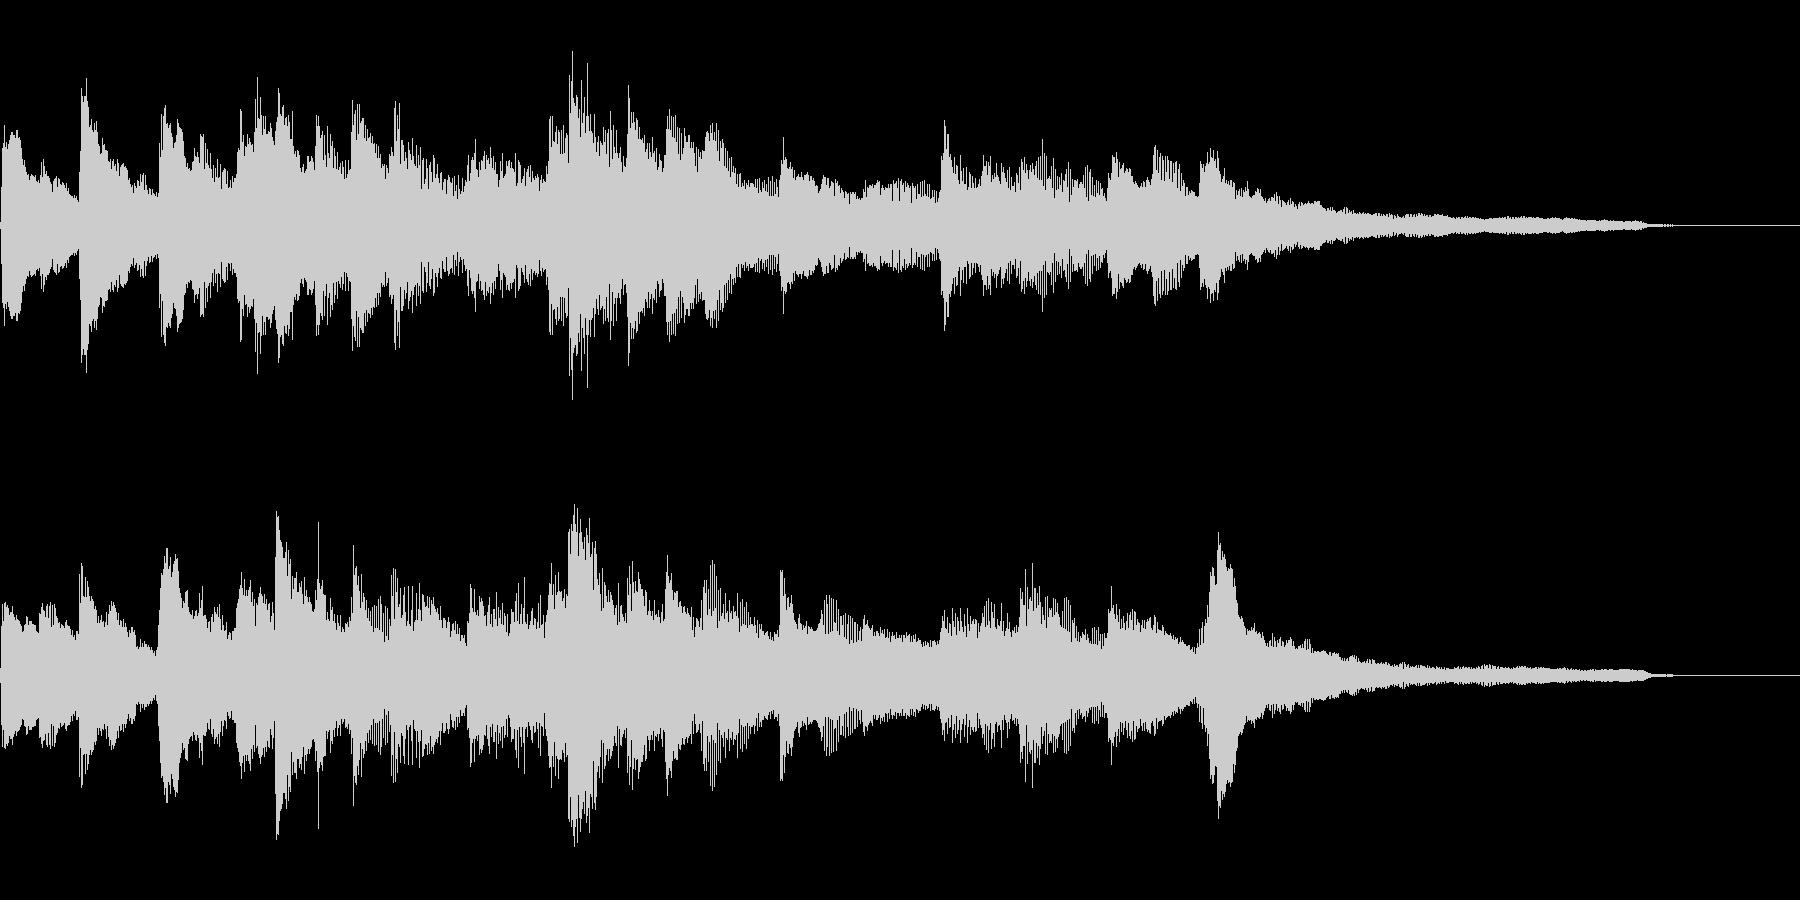 合唱曲前奏風ジングル29-ピアノソロ の未再生の波形